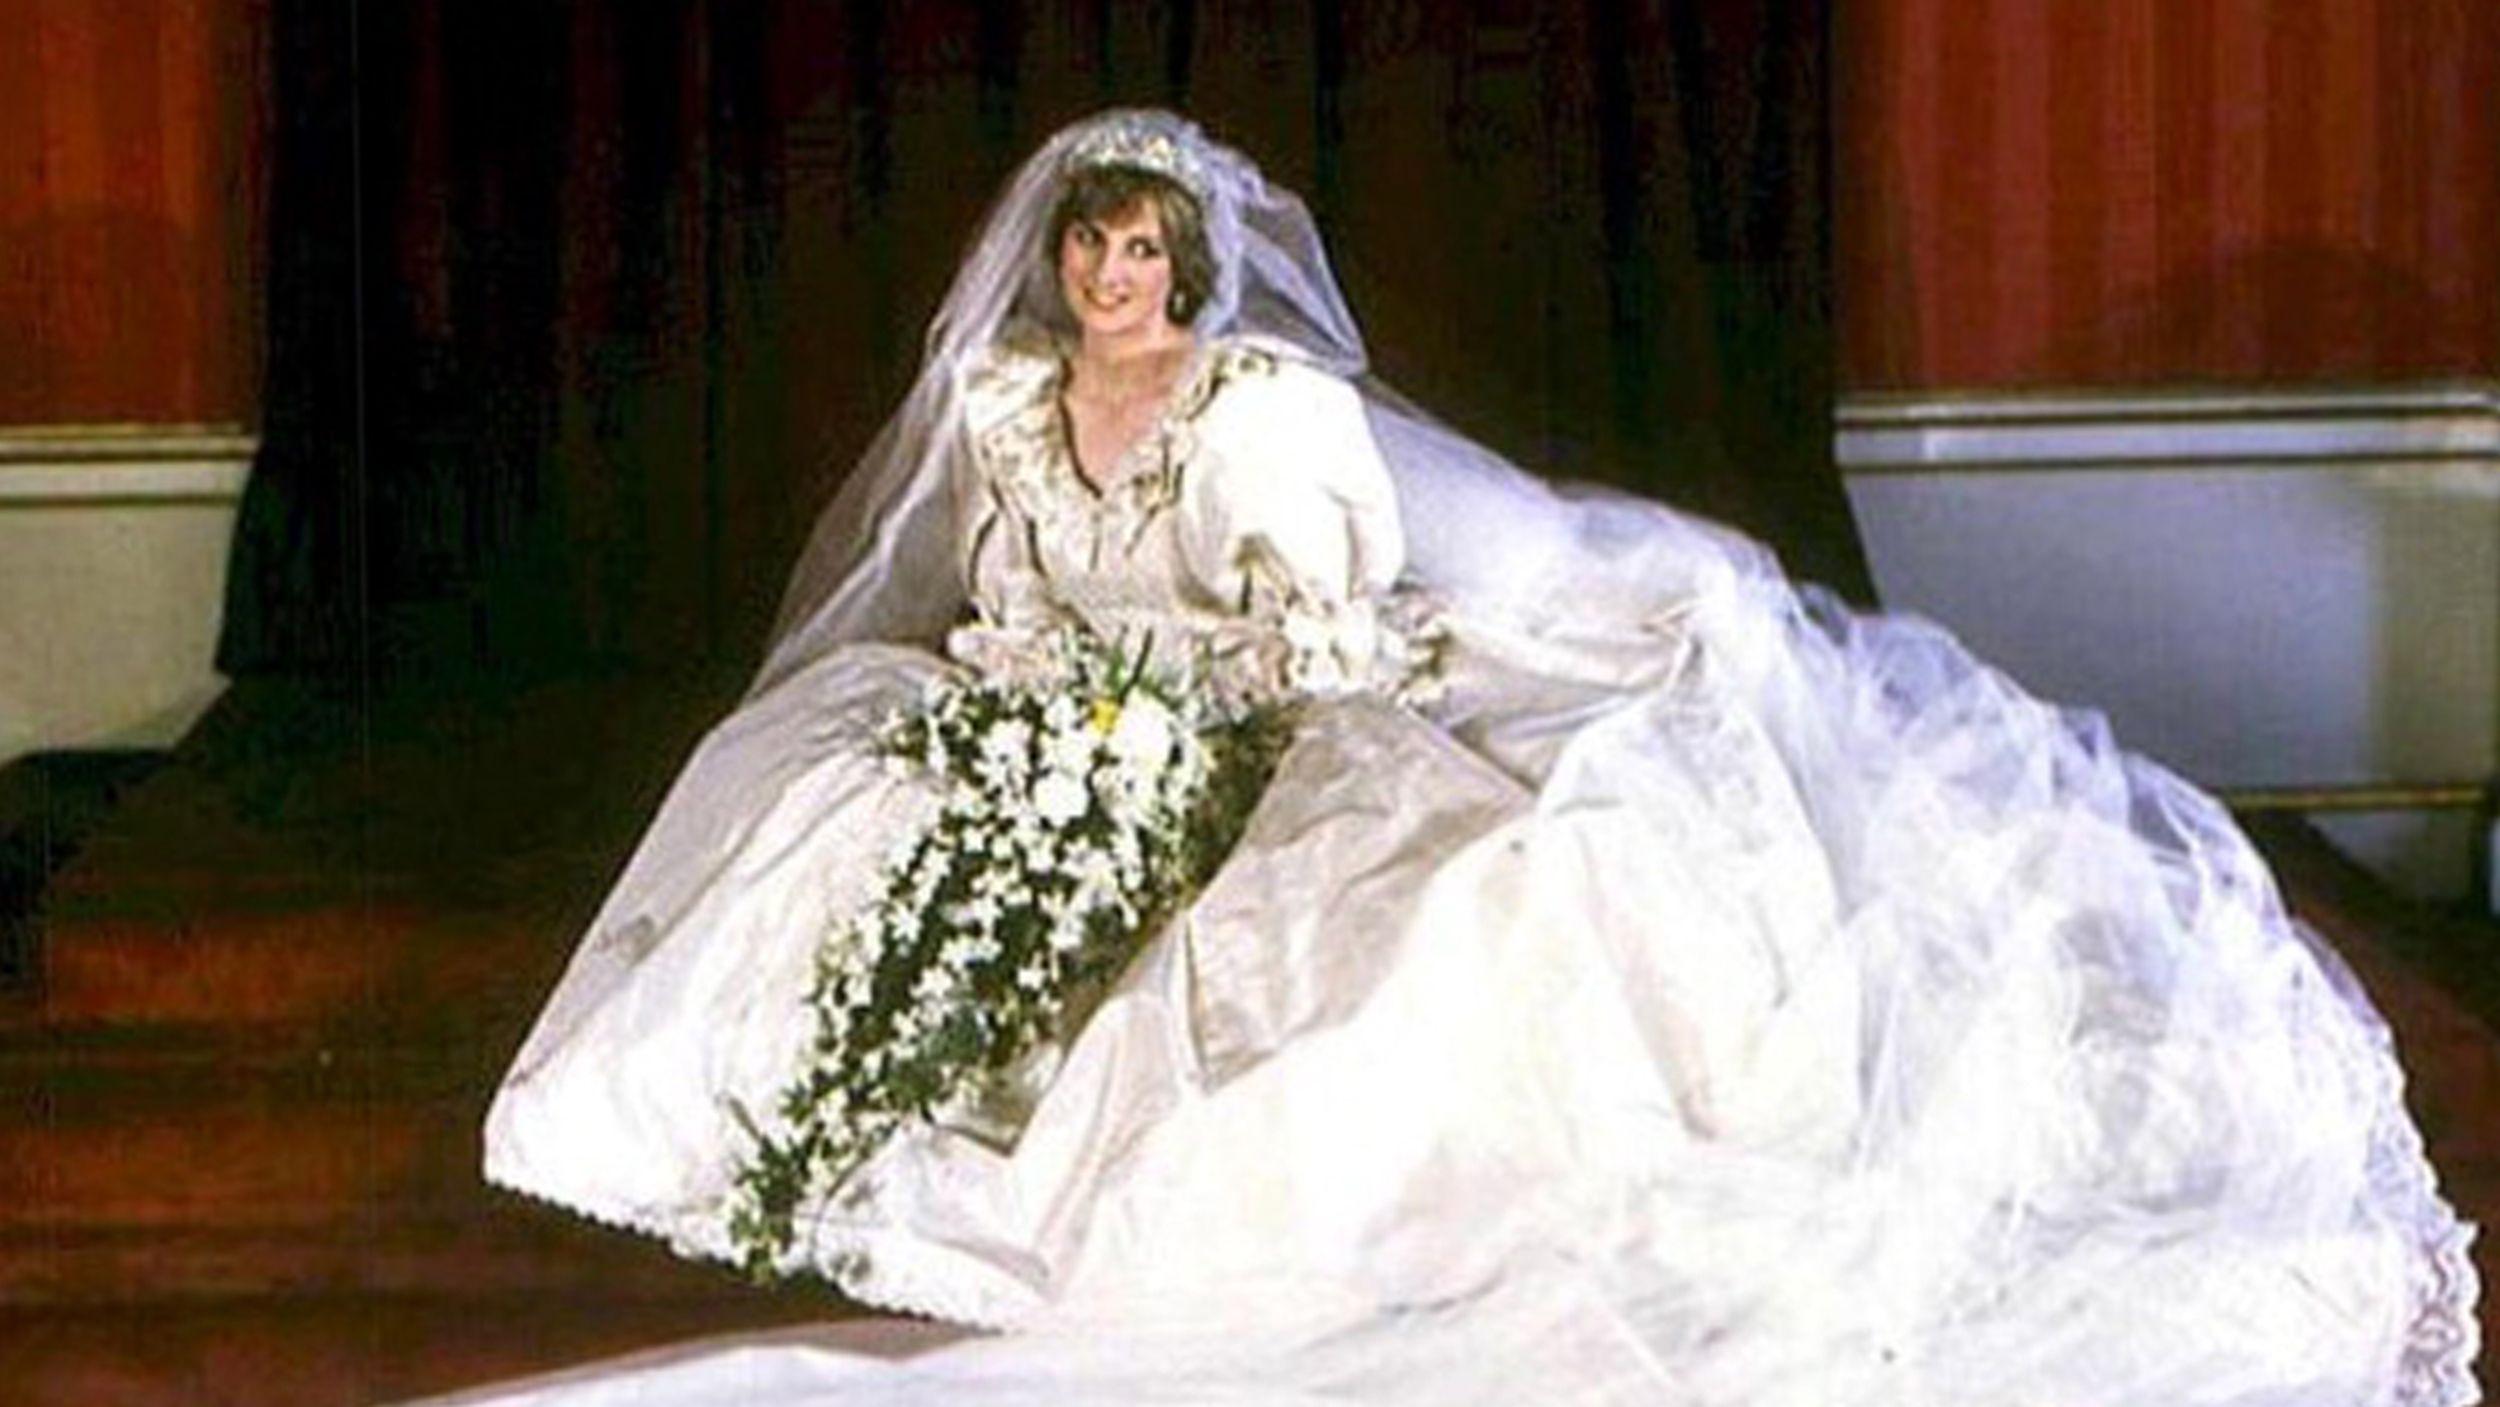 Princes William and Harry to receive Princess Diana's